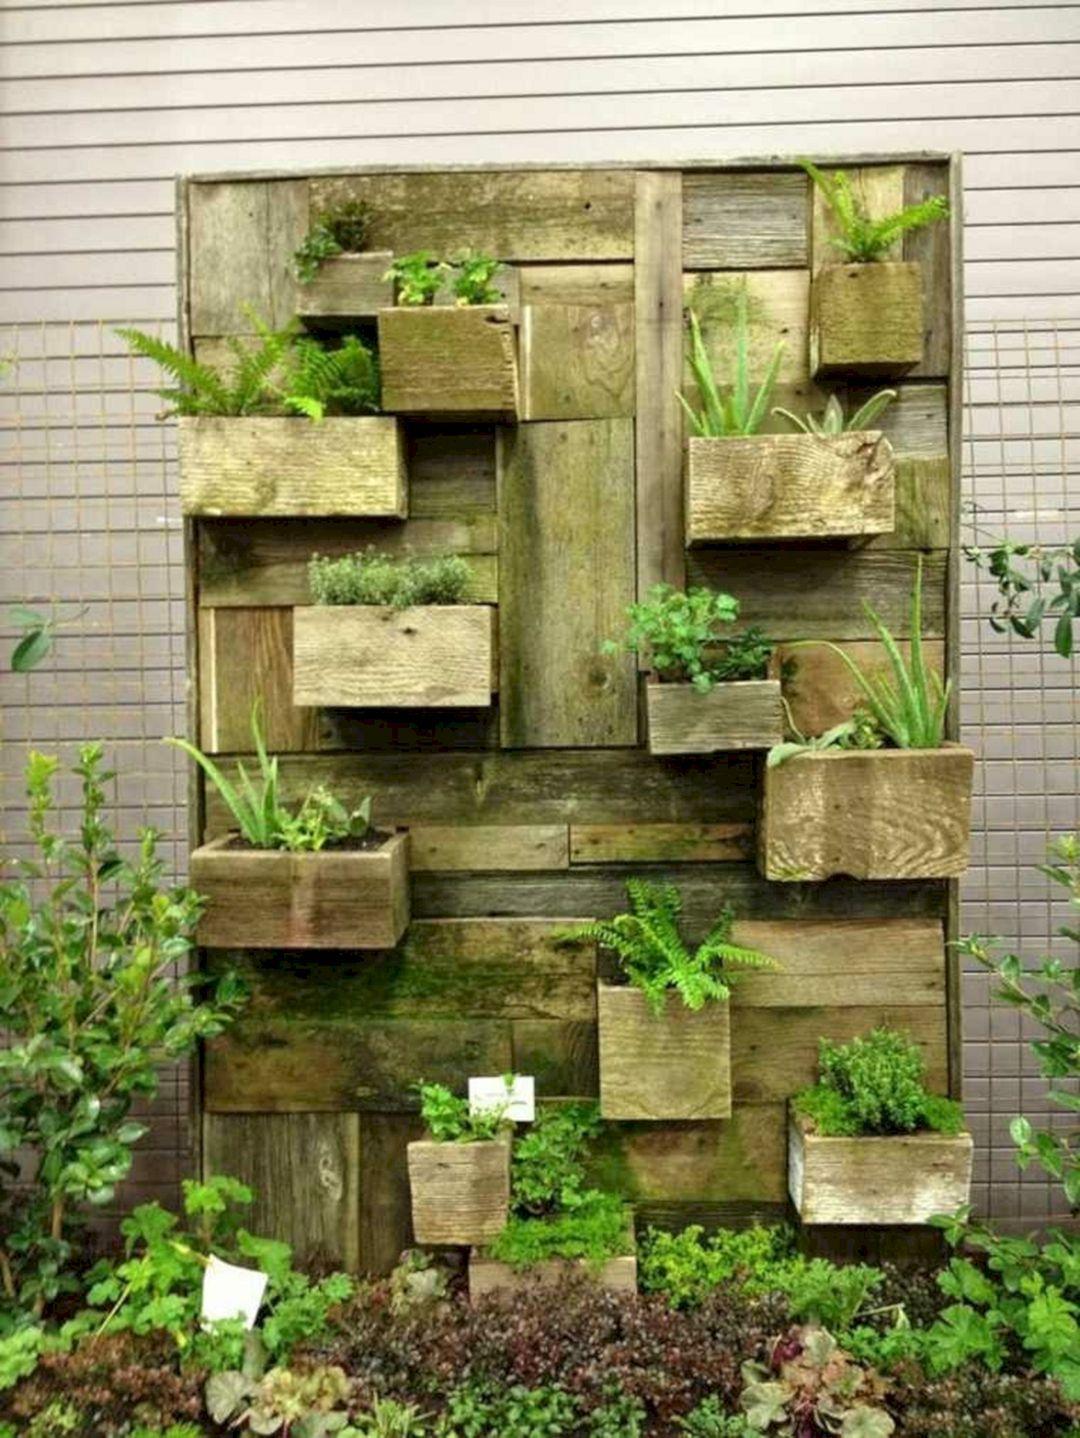 40 diy herb garden design for beauty home ideas diy on indoor vertical garden wall diy id=63283